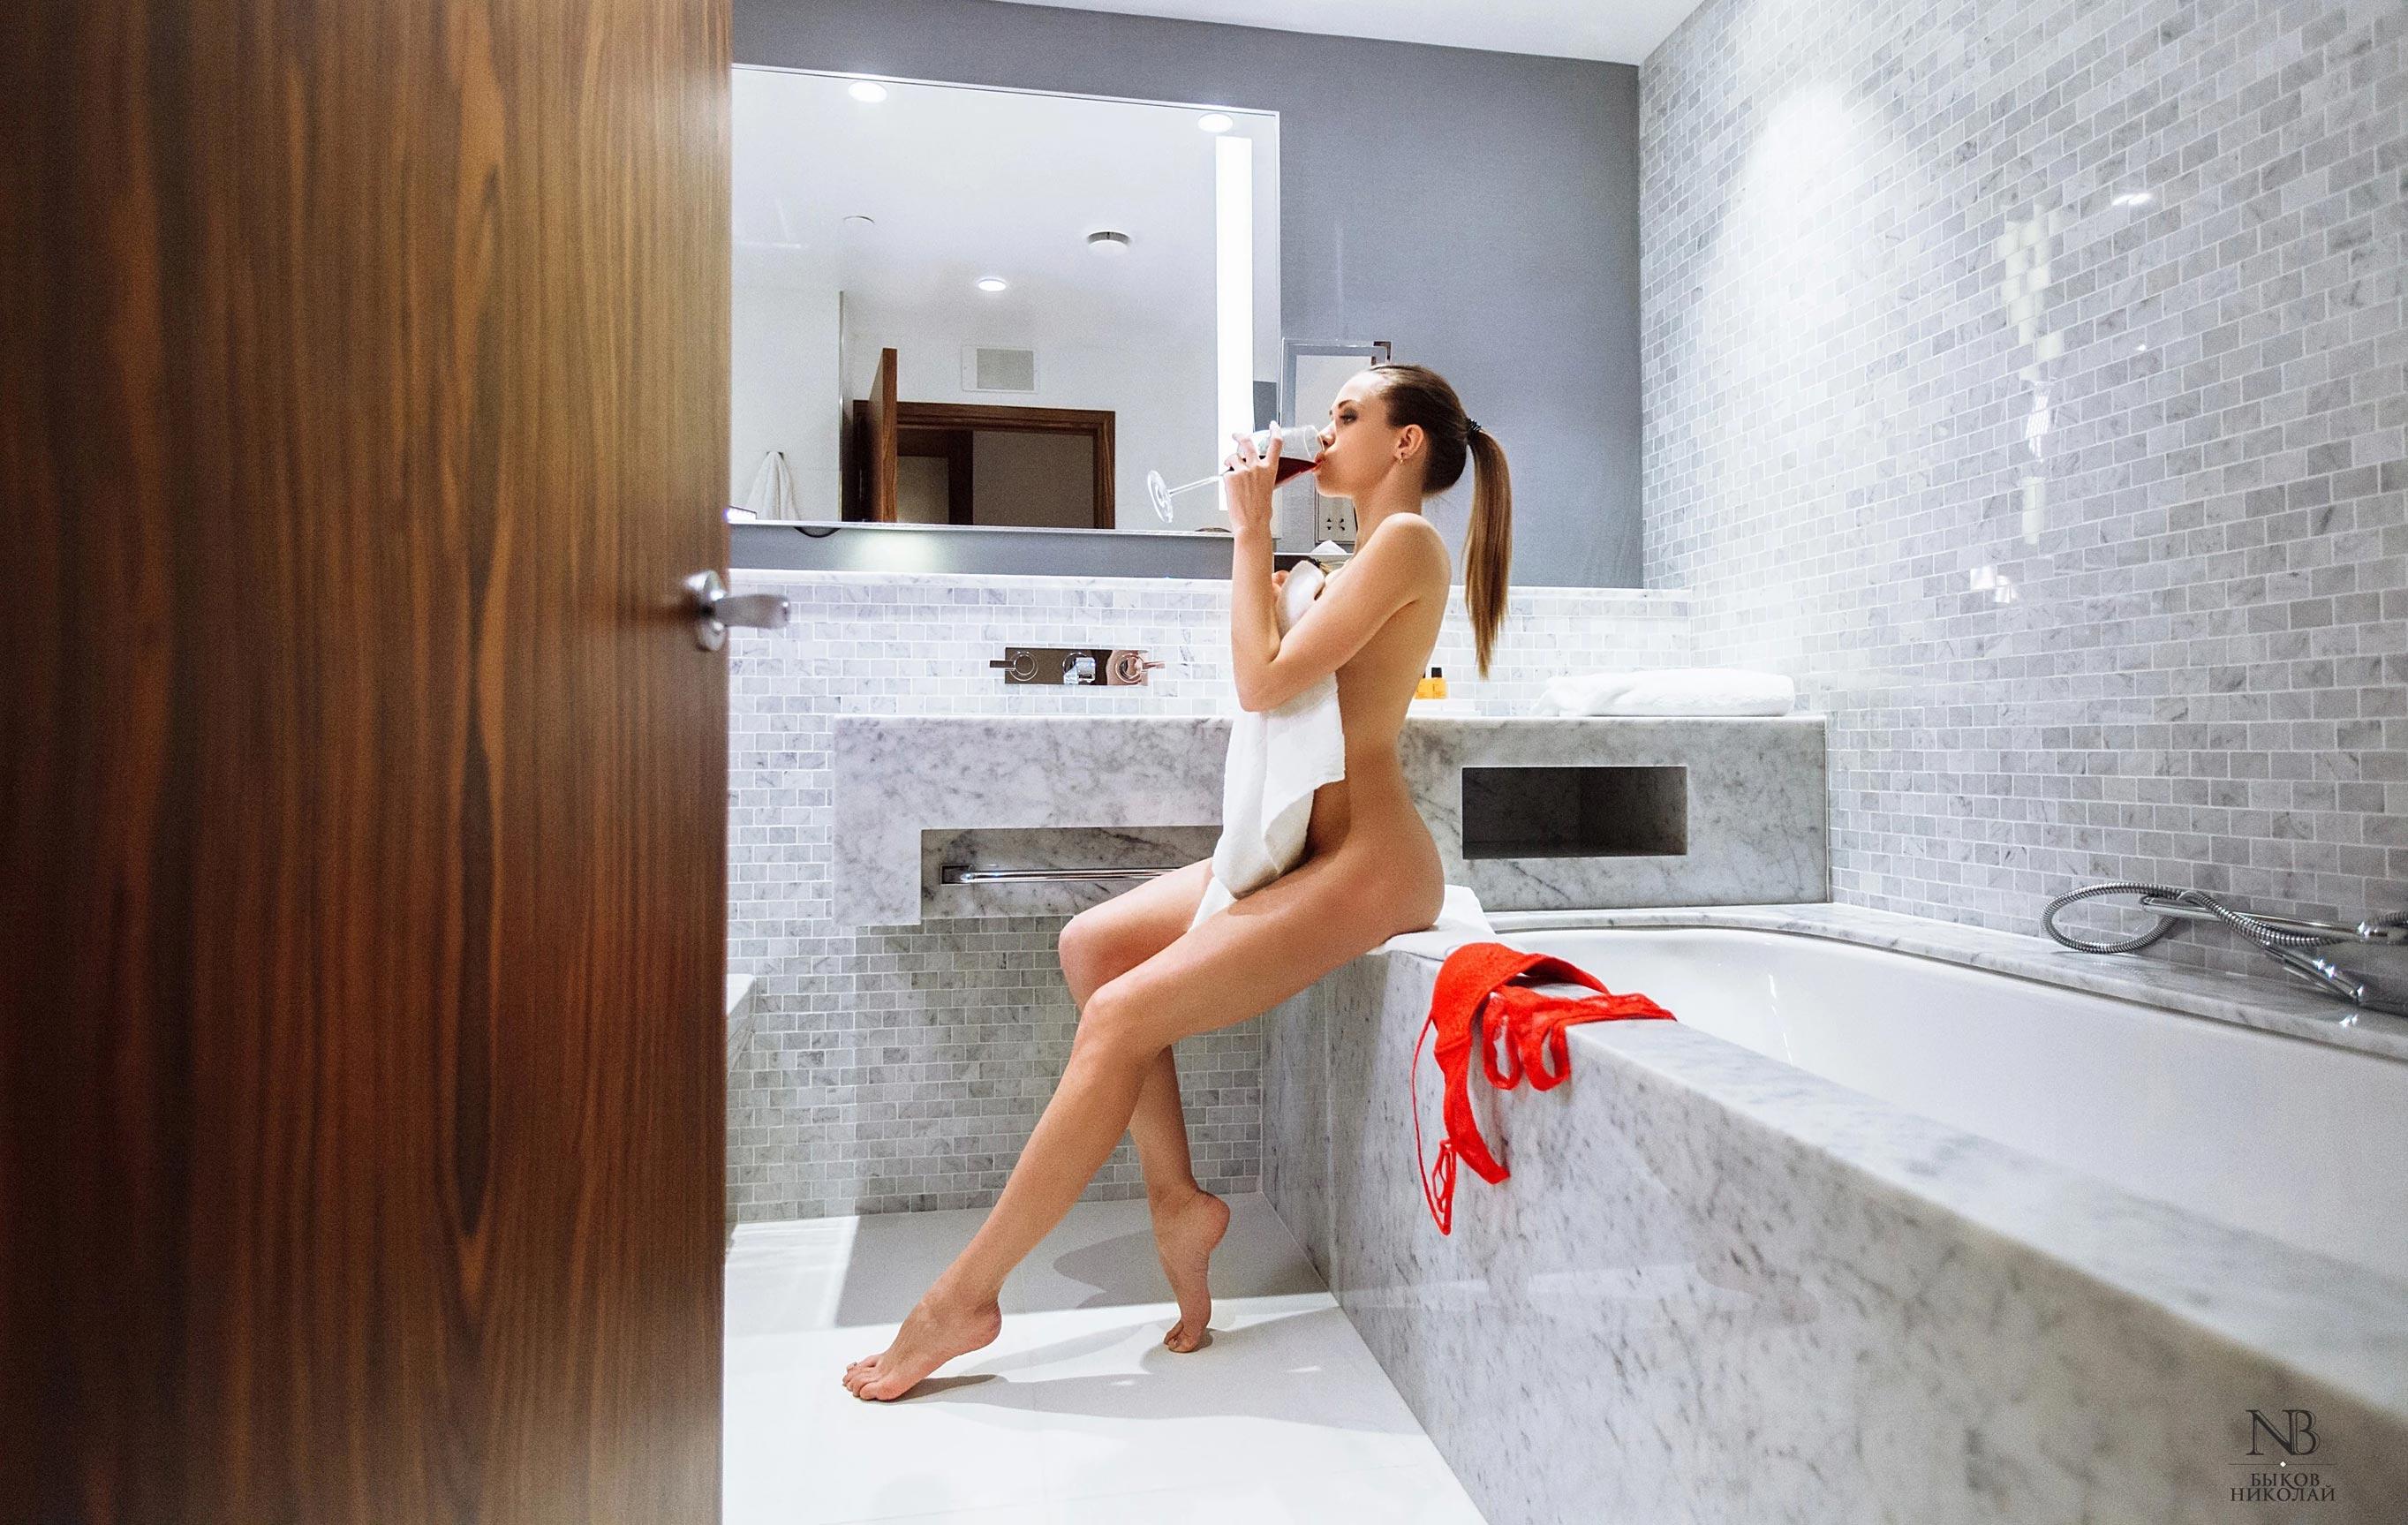 Татьяна Боброва отдыхает и пьет вино в номере отеля / фото 03